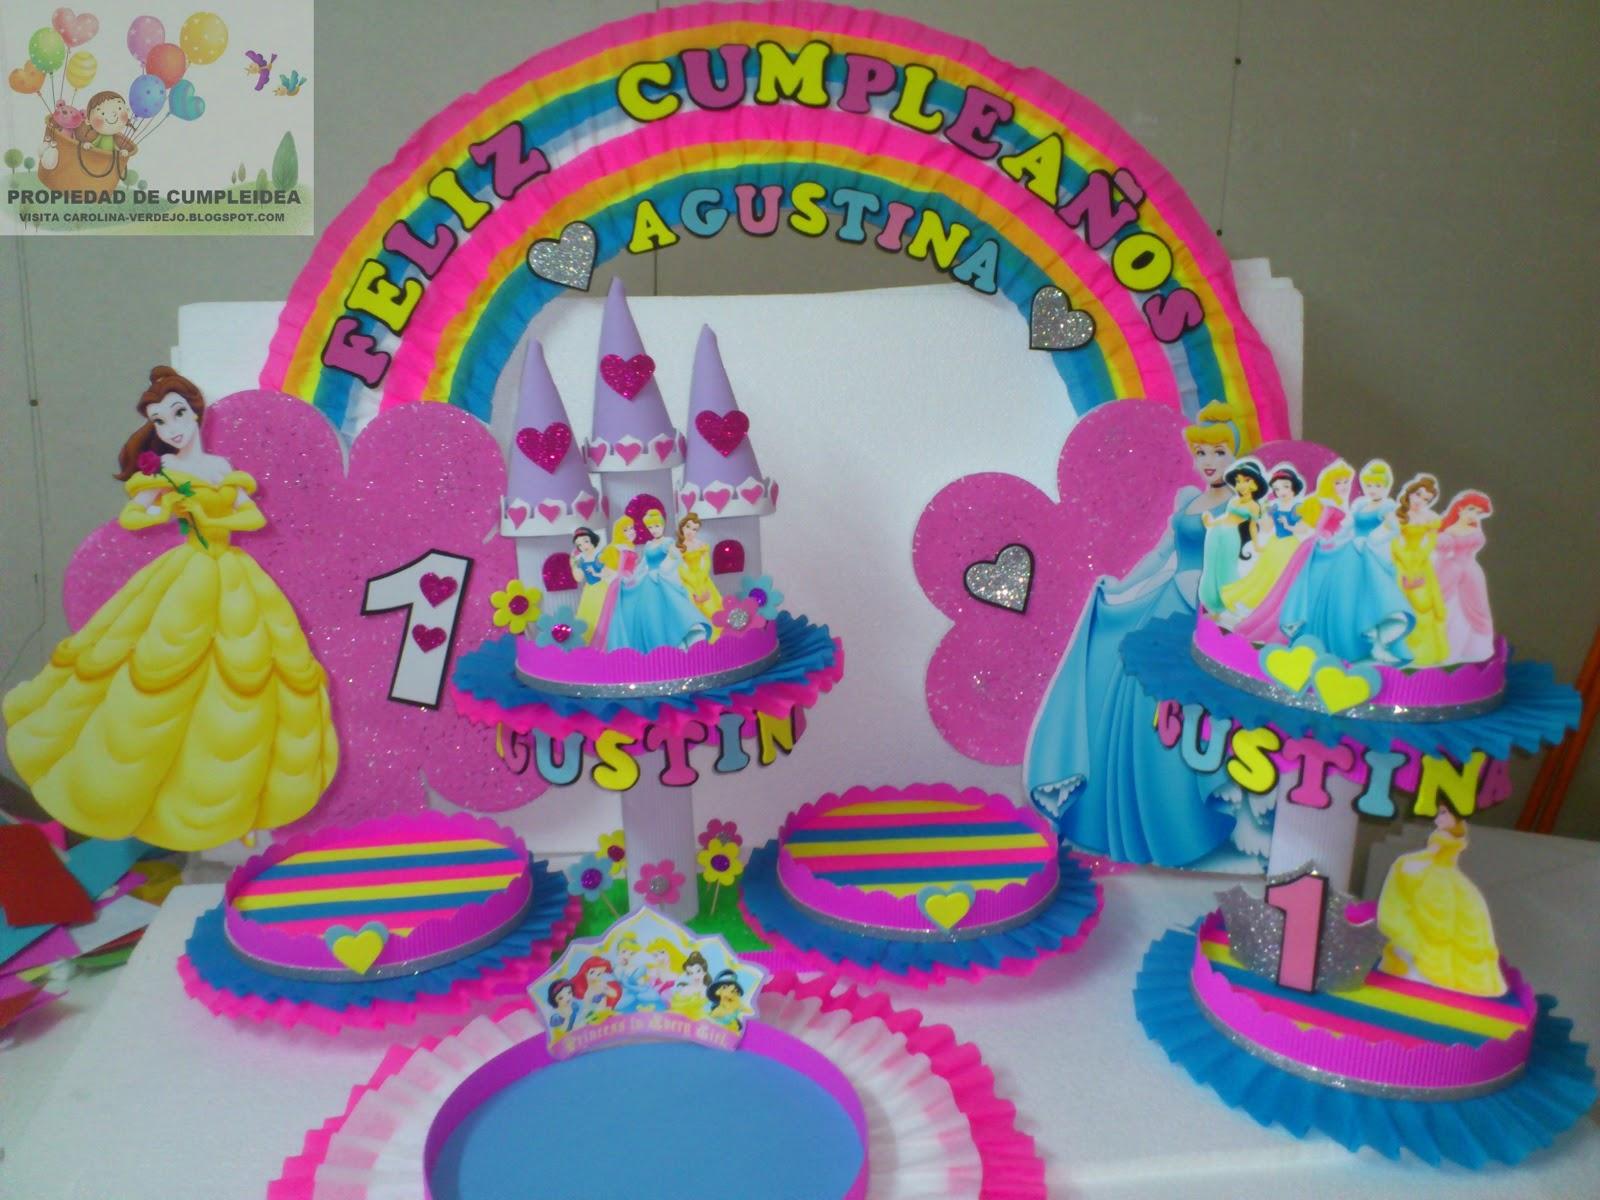 Decoraciones infantiles octubre 2012 - Decoracion fiesta princesas disney ...